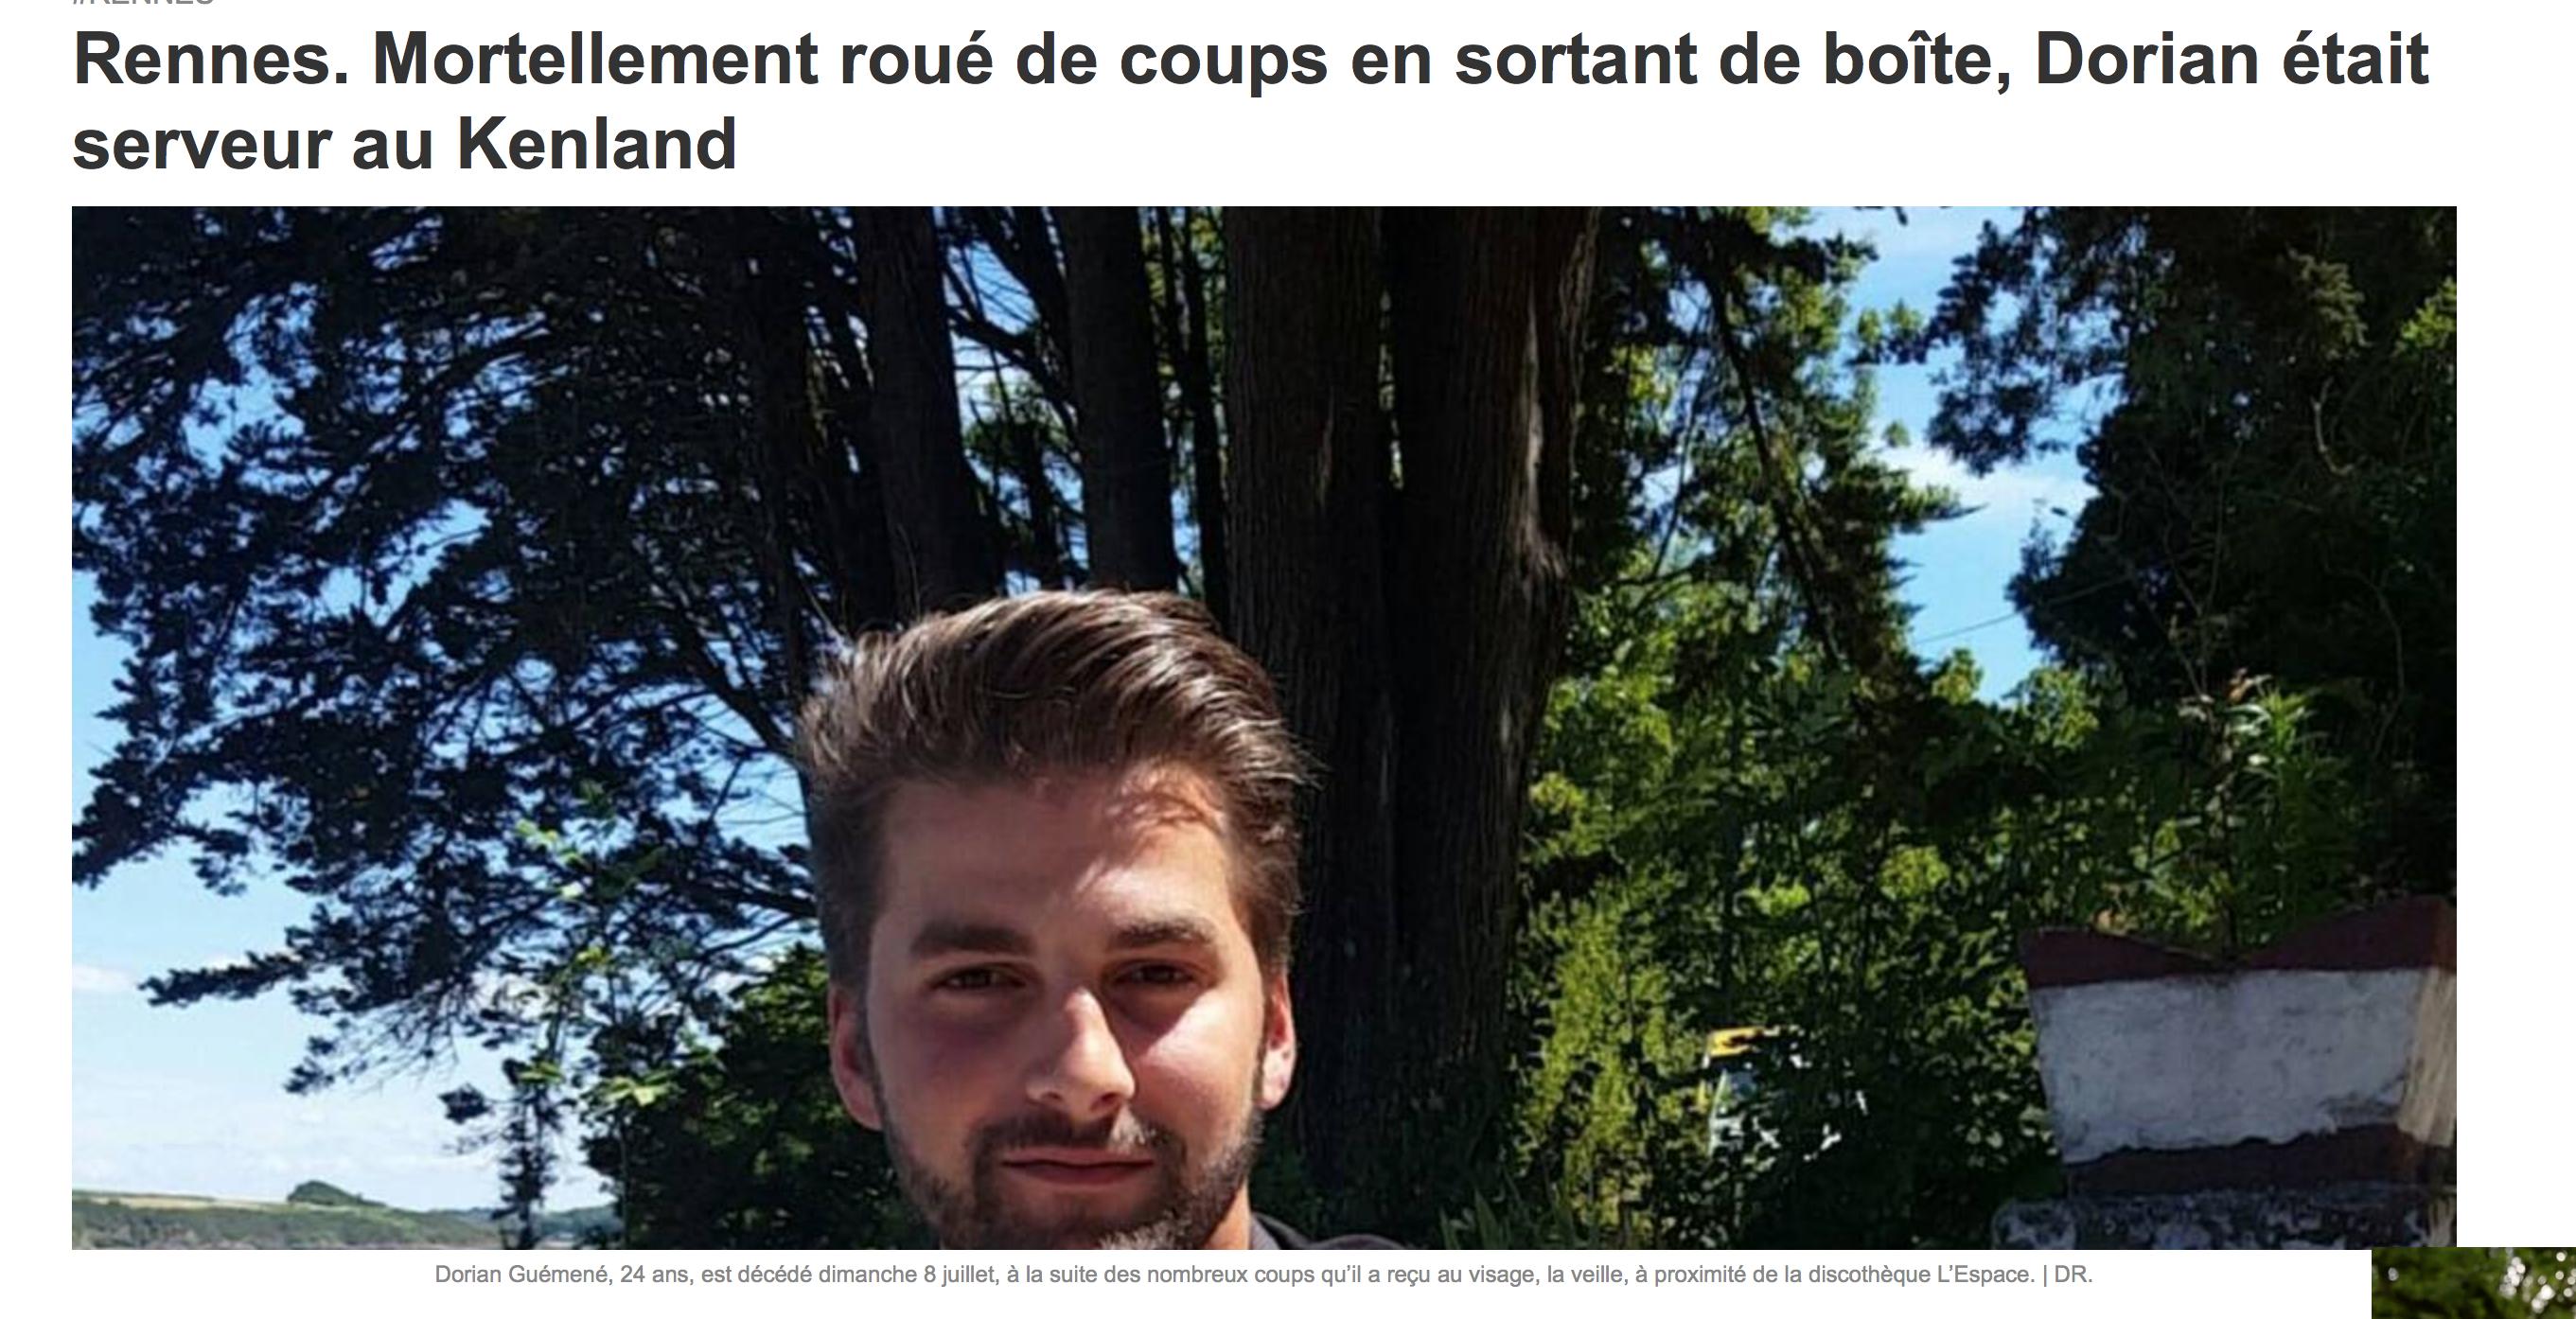 Dorian Guémené, 24 ans, assassiné par 4 racailles : ils nous tuent nos jeunes, un par un…